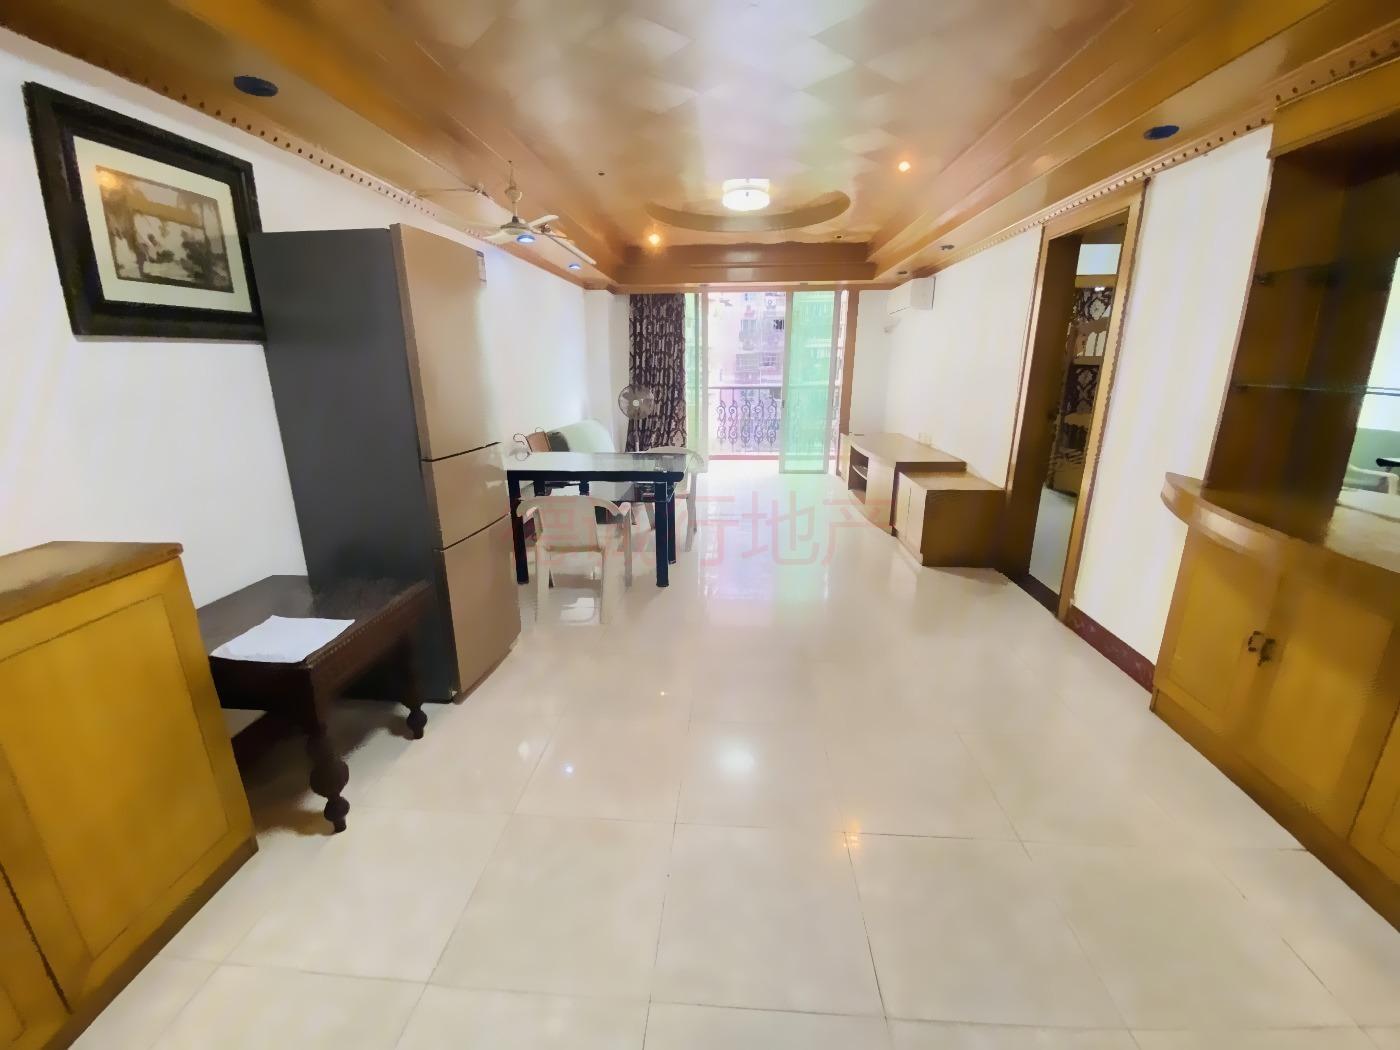 侨诚花园3室2厅2卫南朝向仅365万元